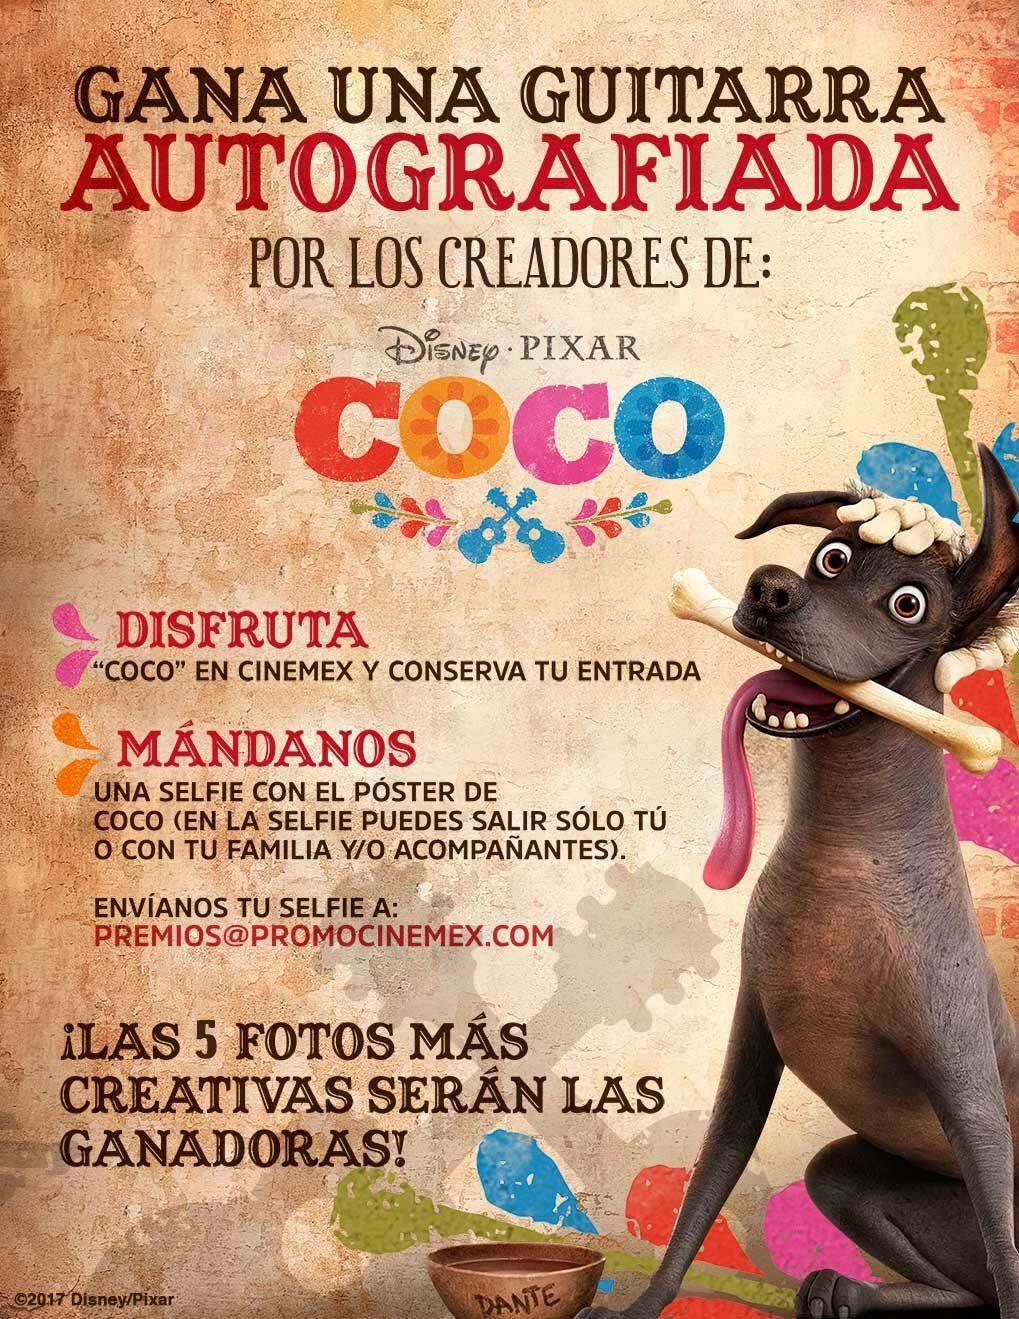 Concurso Cinemex Coco: Gana una guitarra autografiada